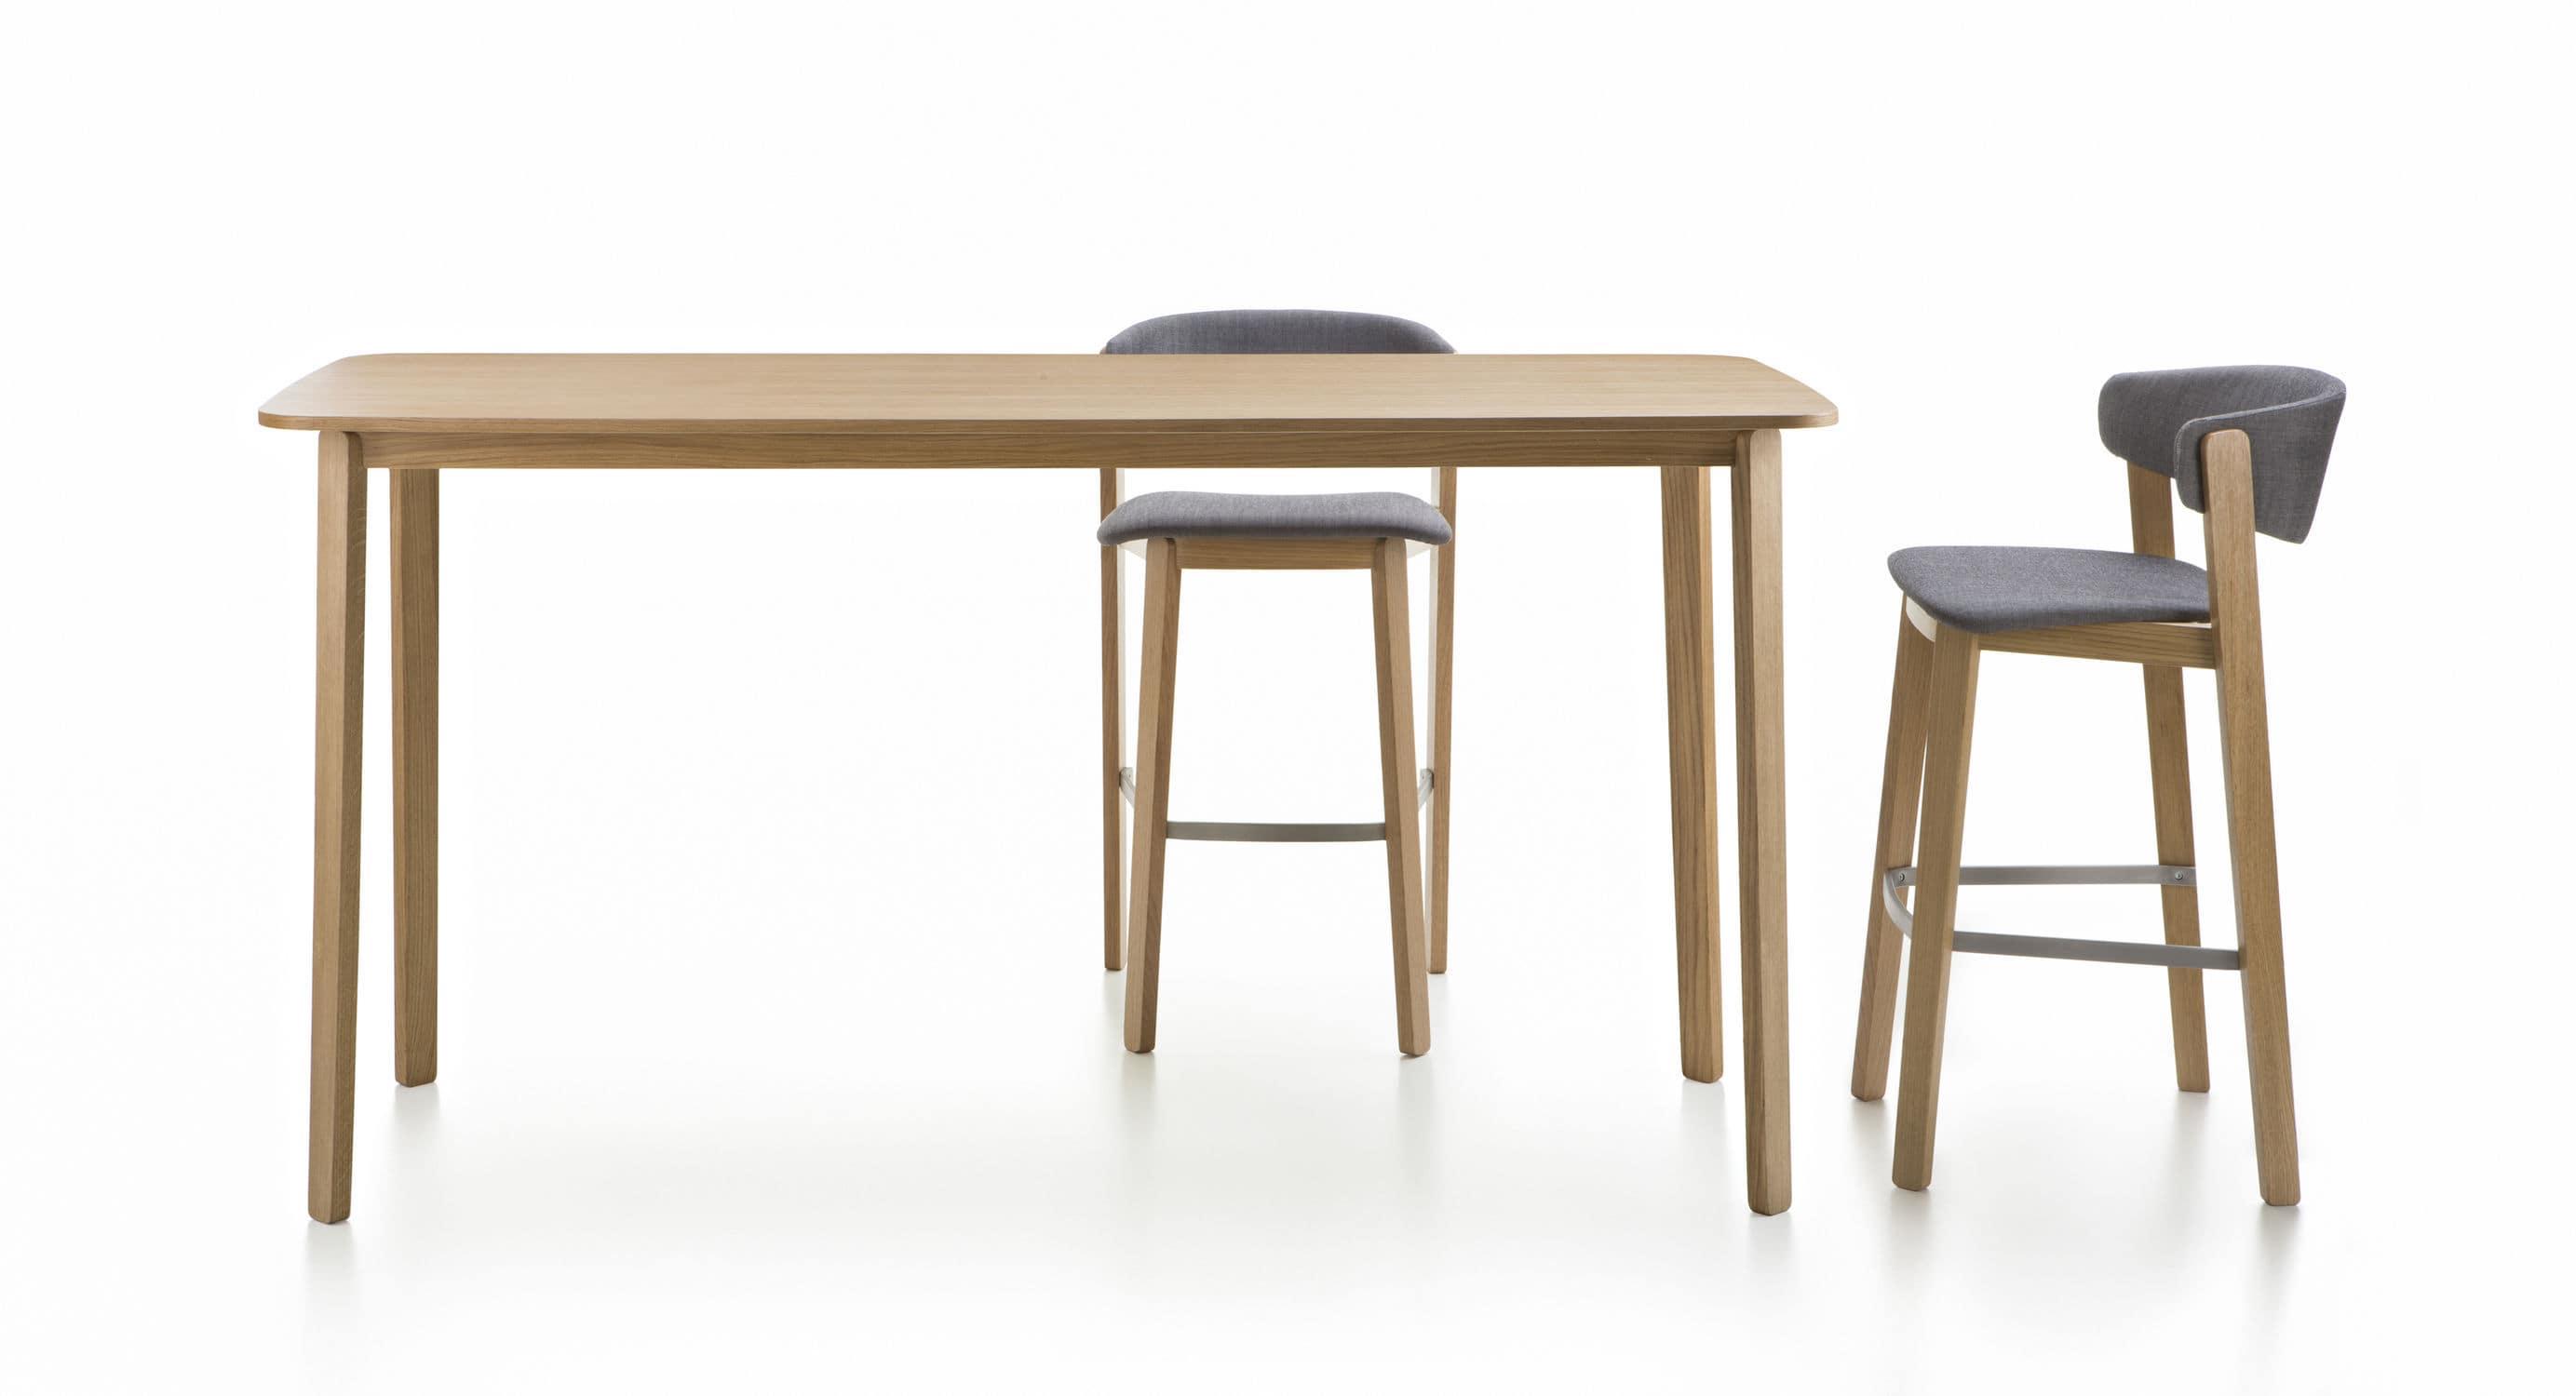 Scandinavian design bar chair wooden mercial by Luca